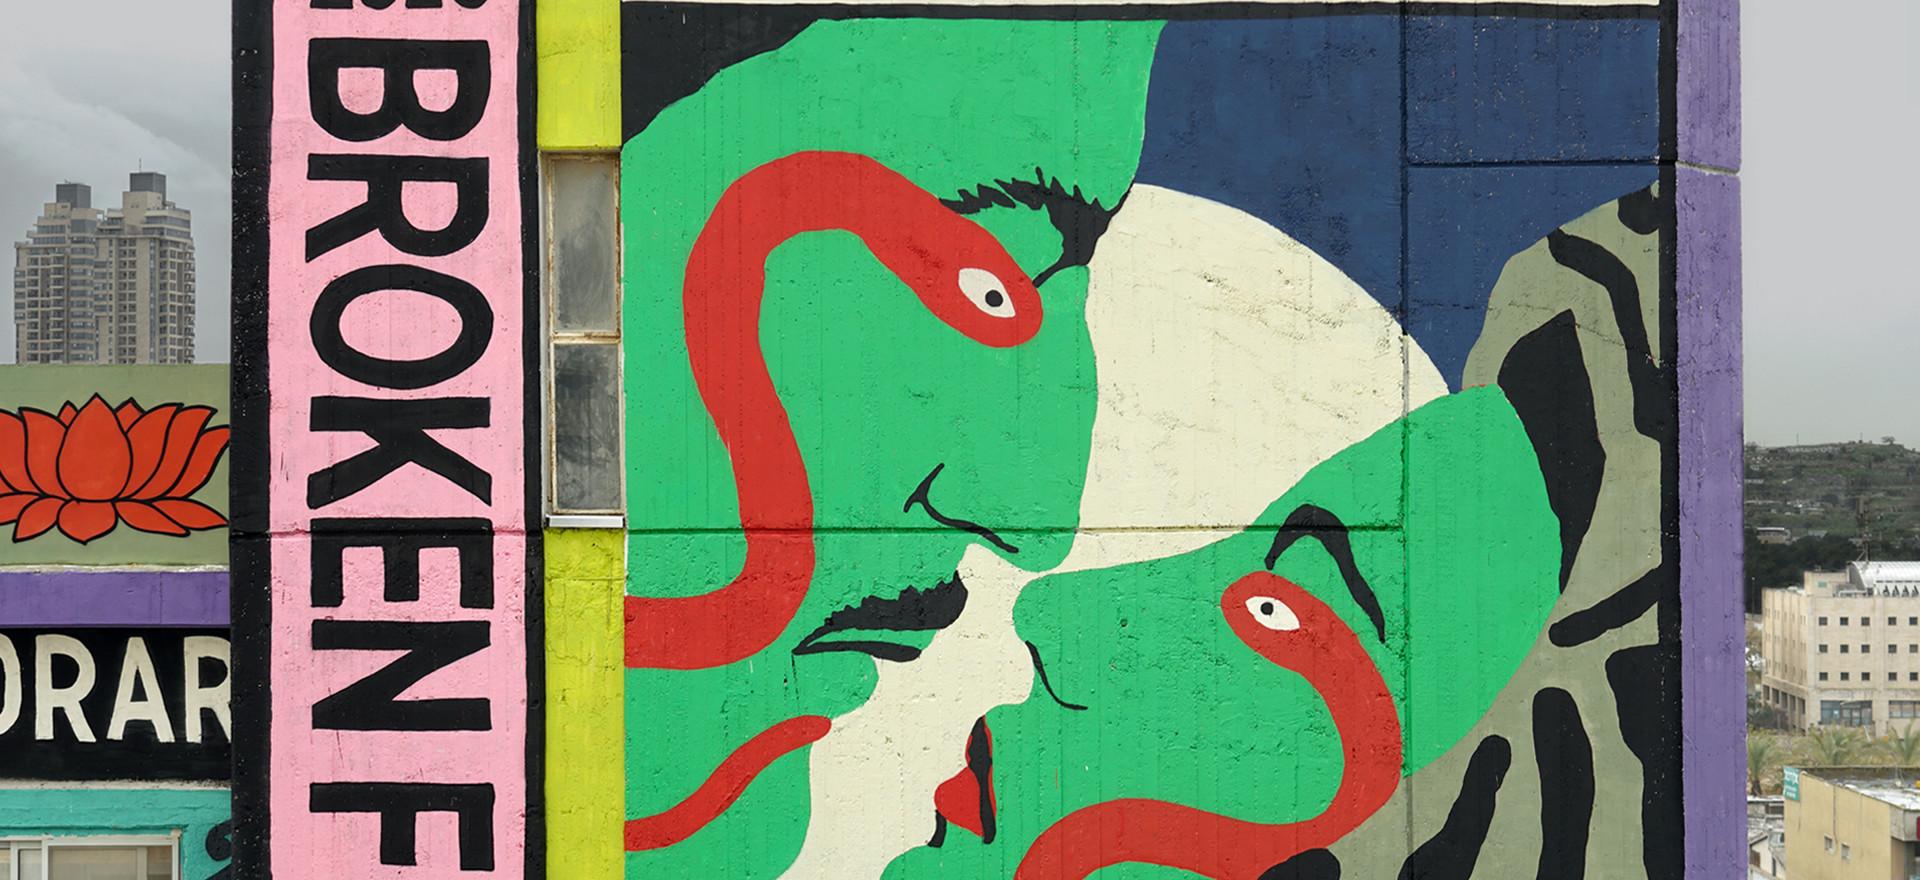 unga_jerusalem wall_for instegram_4.jpg